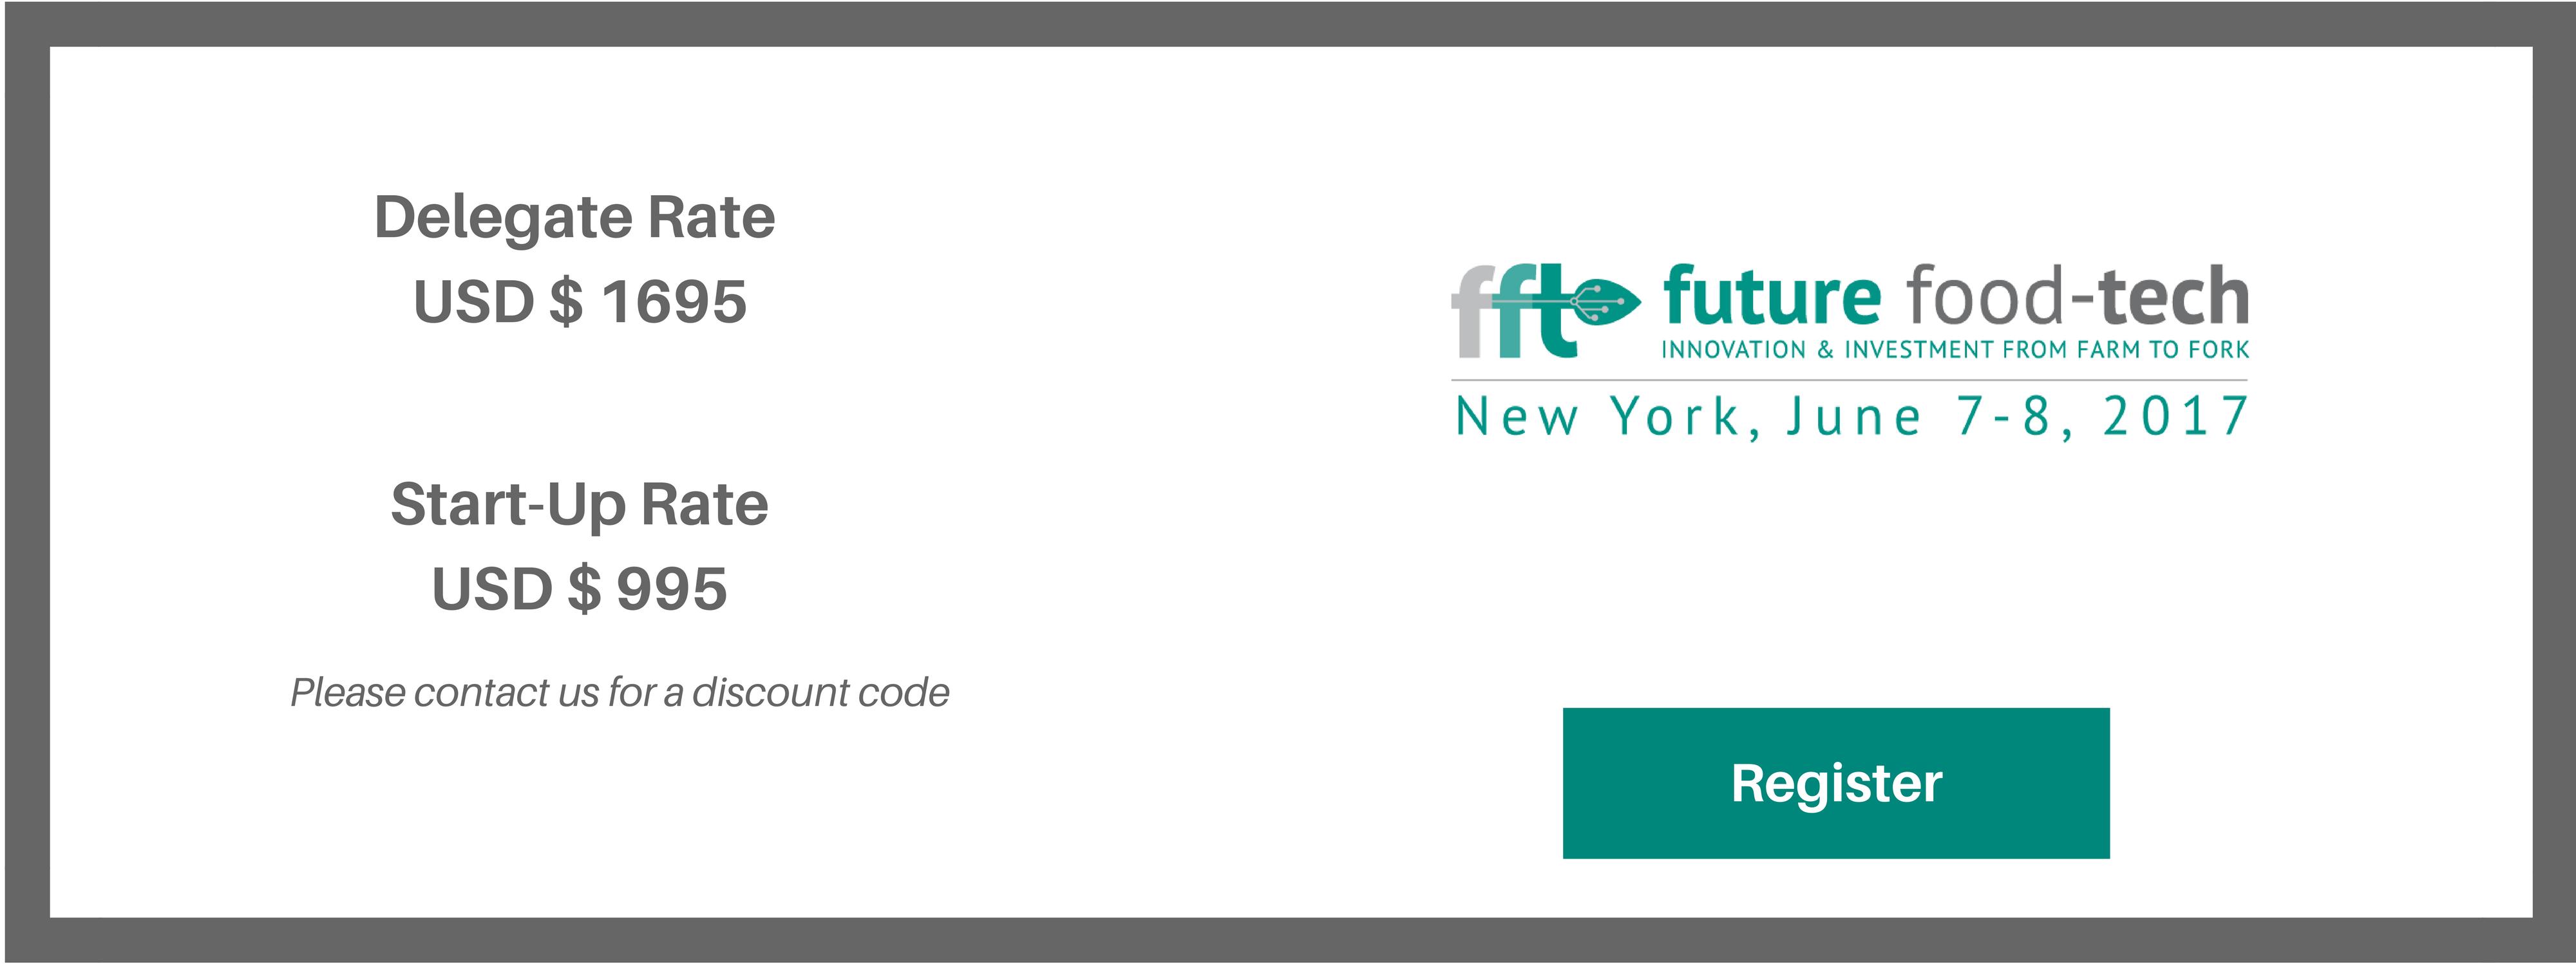 Copy of fft CVENT (3) new dates